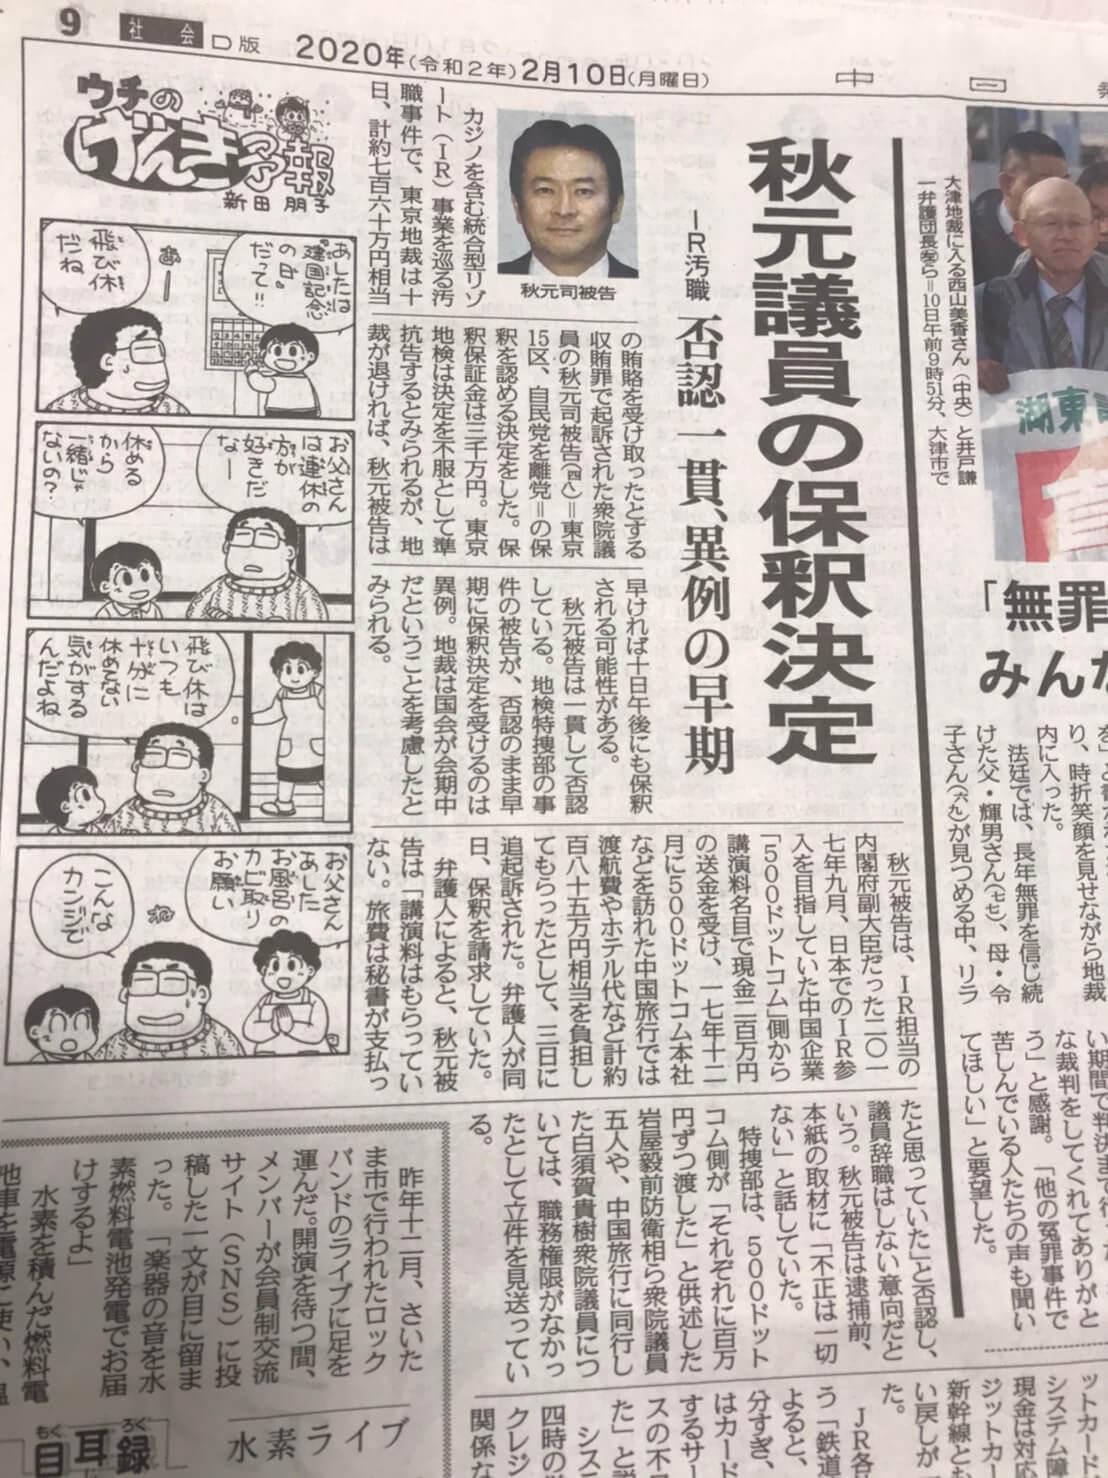 新聞ってカッコいい!keiZiroさんの記事